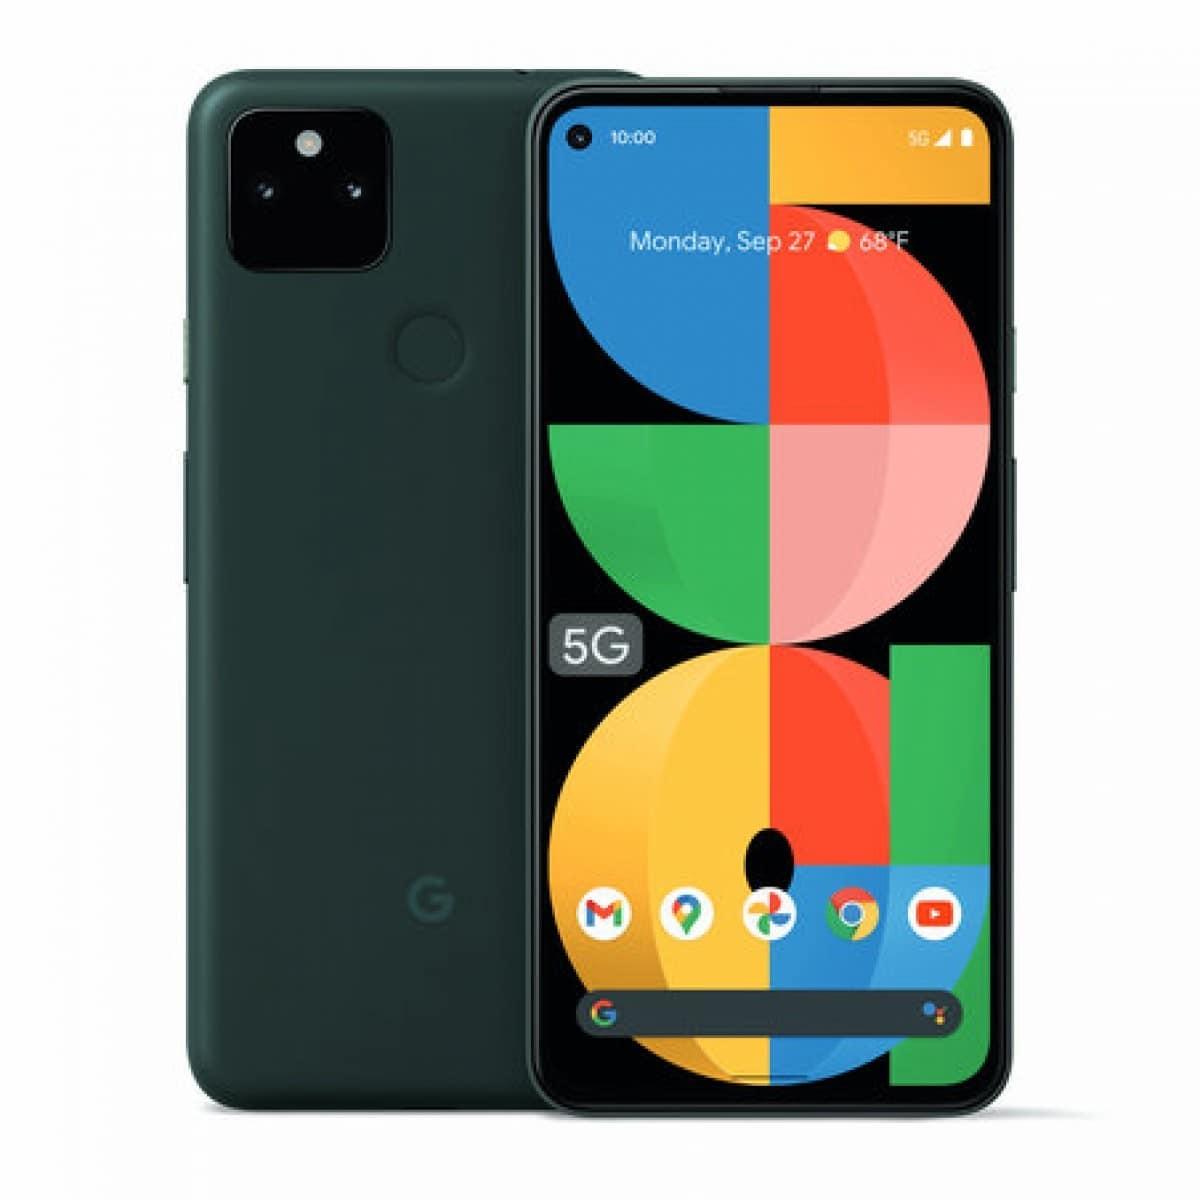 گوگل، پیکسل 5a 5G را با IP67، باتری 4680 میلی آمپر ساعتی و قیمت 449 دلار معرفی کرد - چیکاو